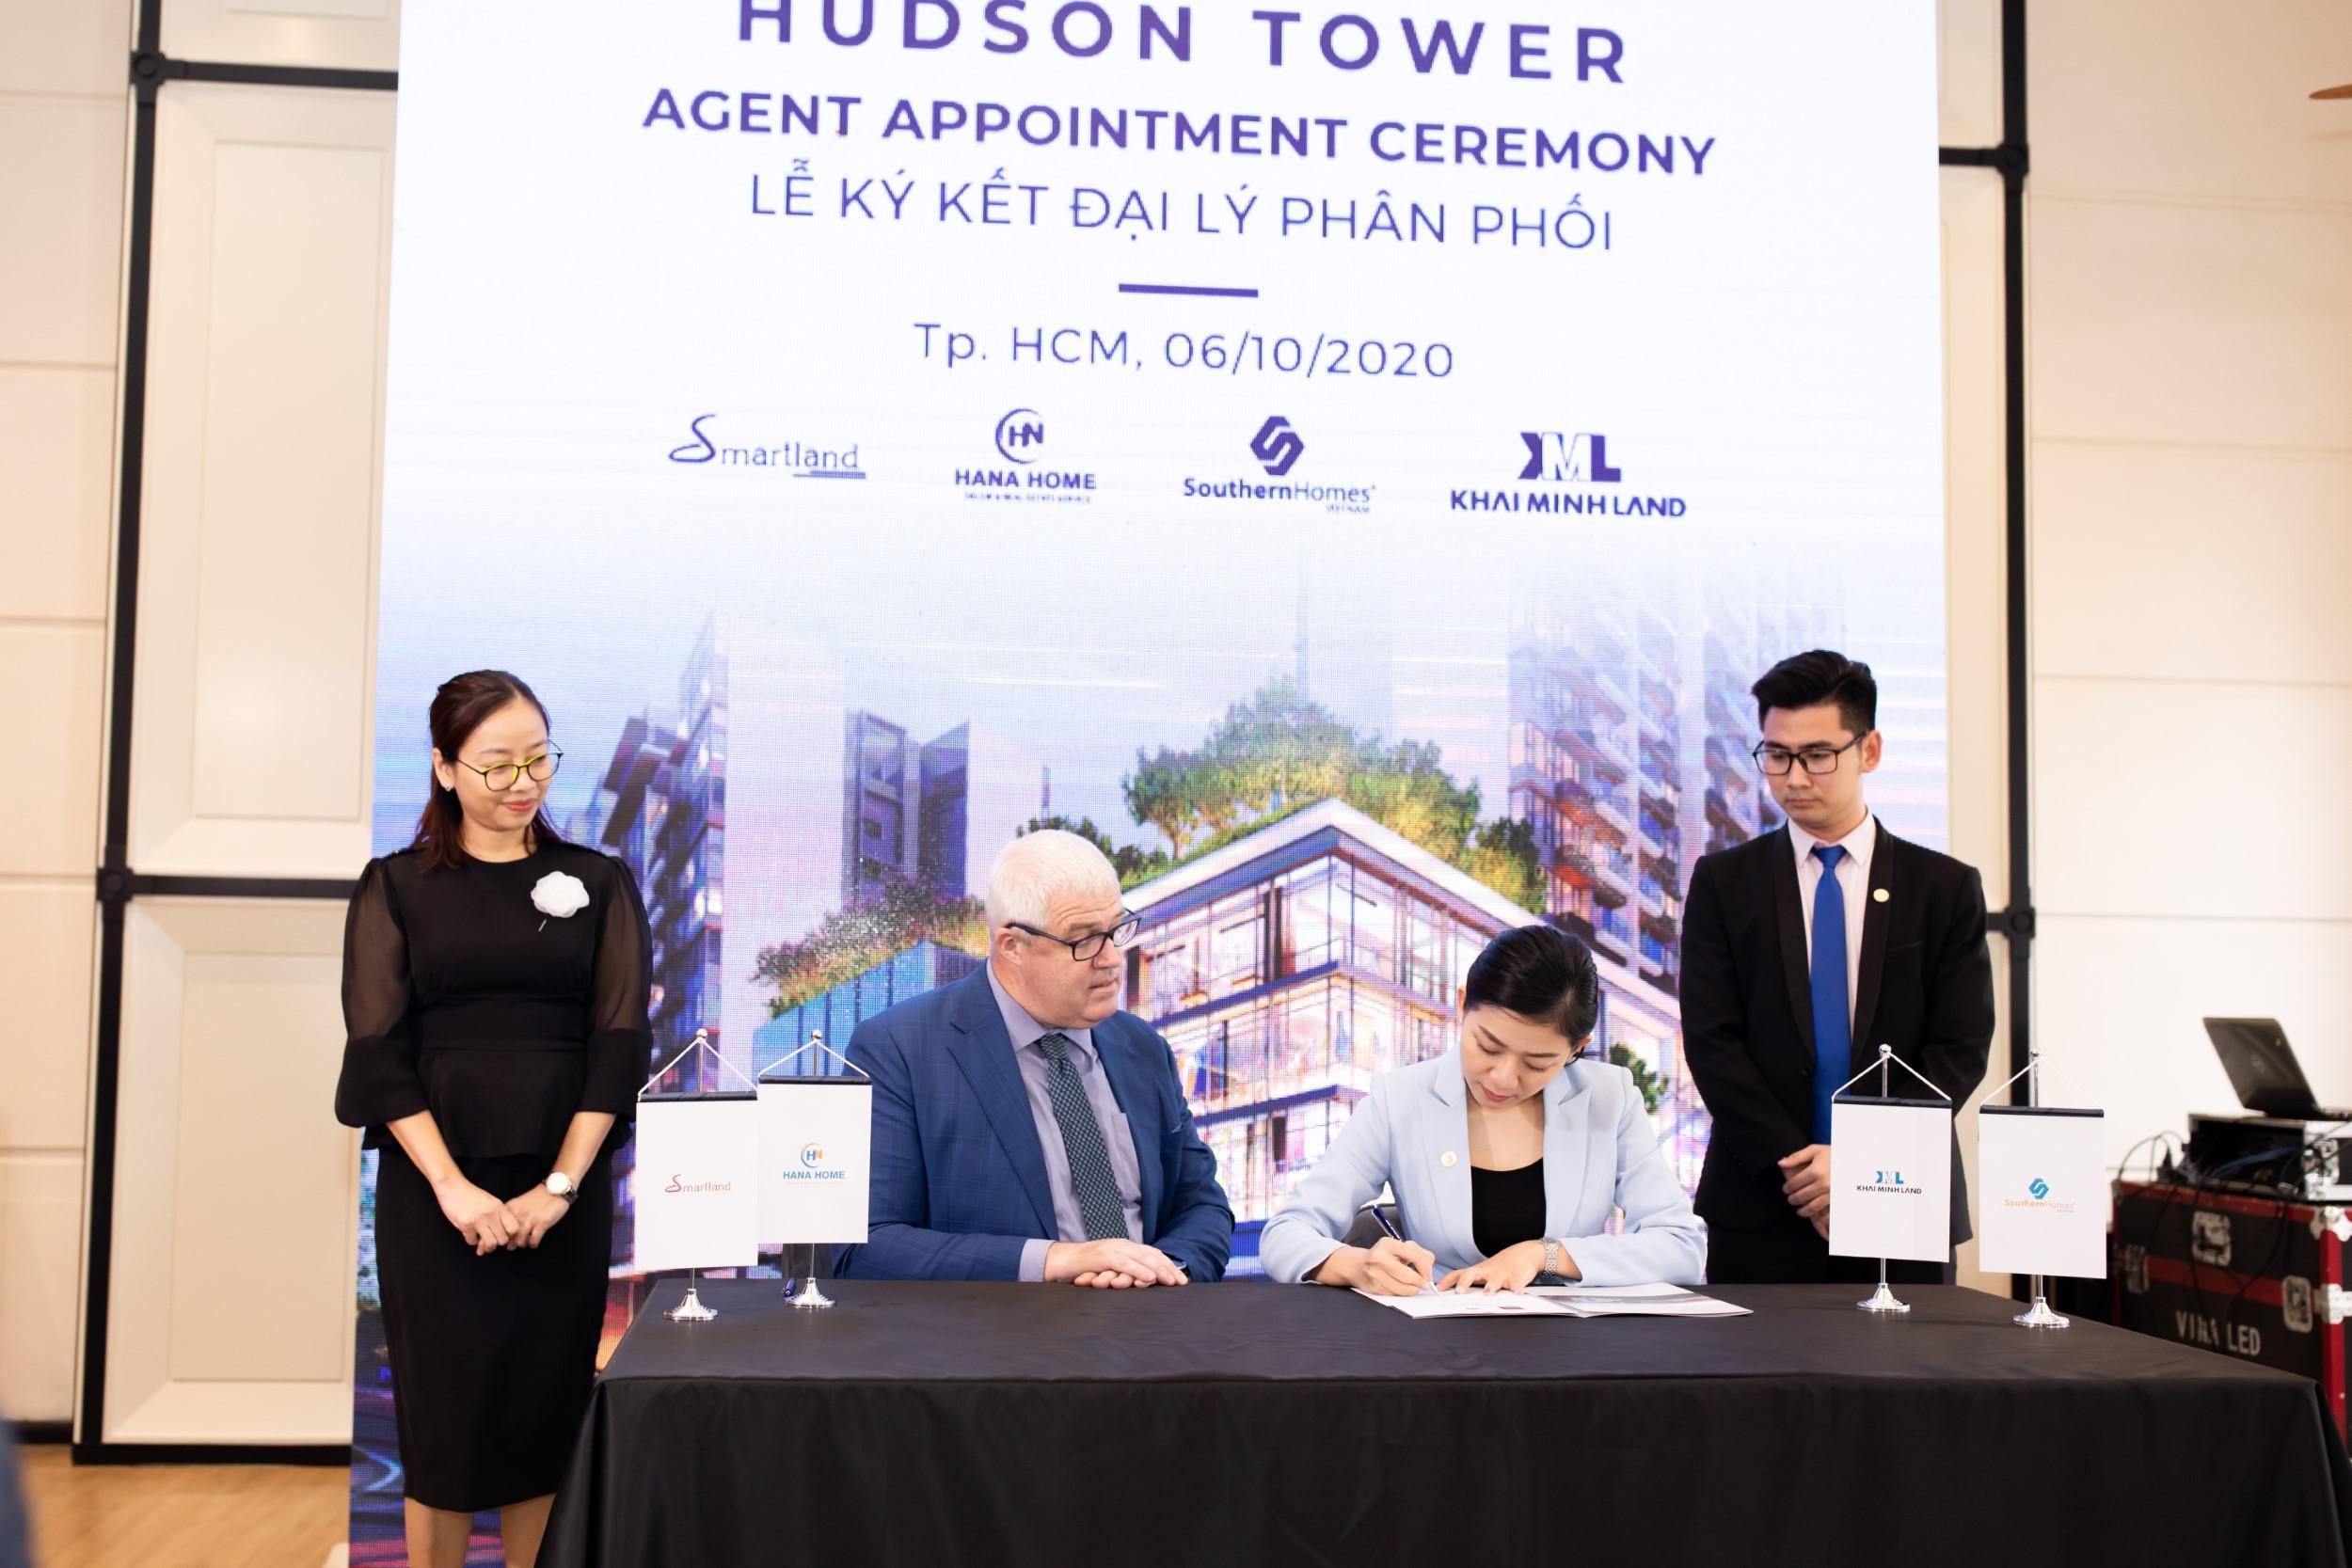 Hudson Tower - Agent Appointment Ceremony - Lễ kí kết đại lý phân phối The River Thủ Thiêm